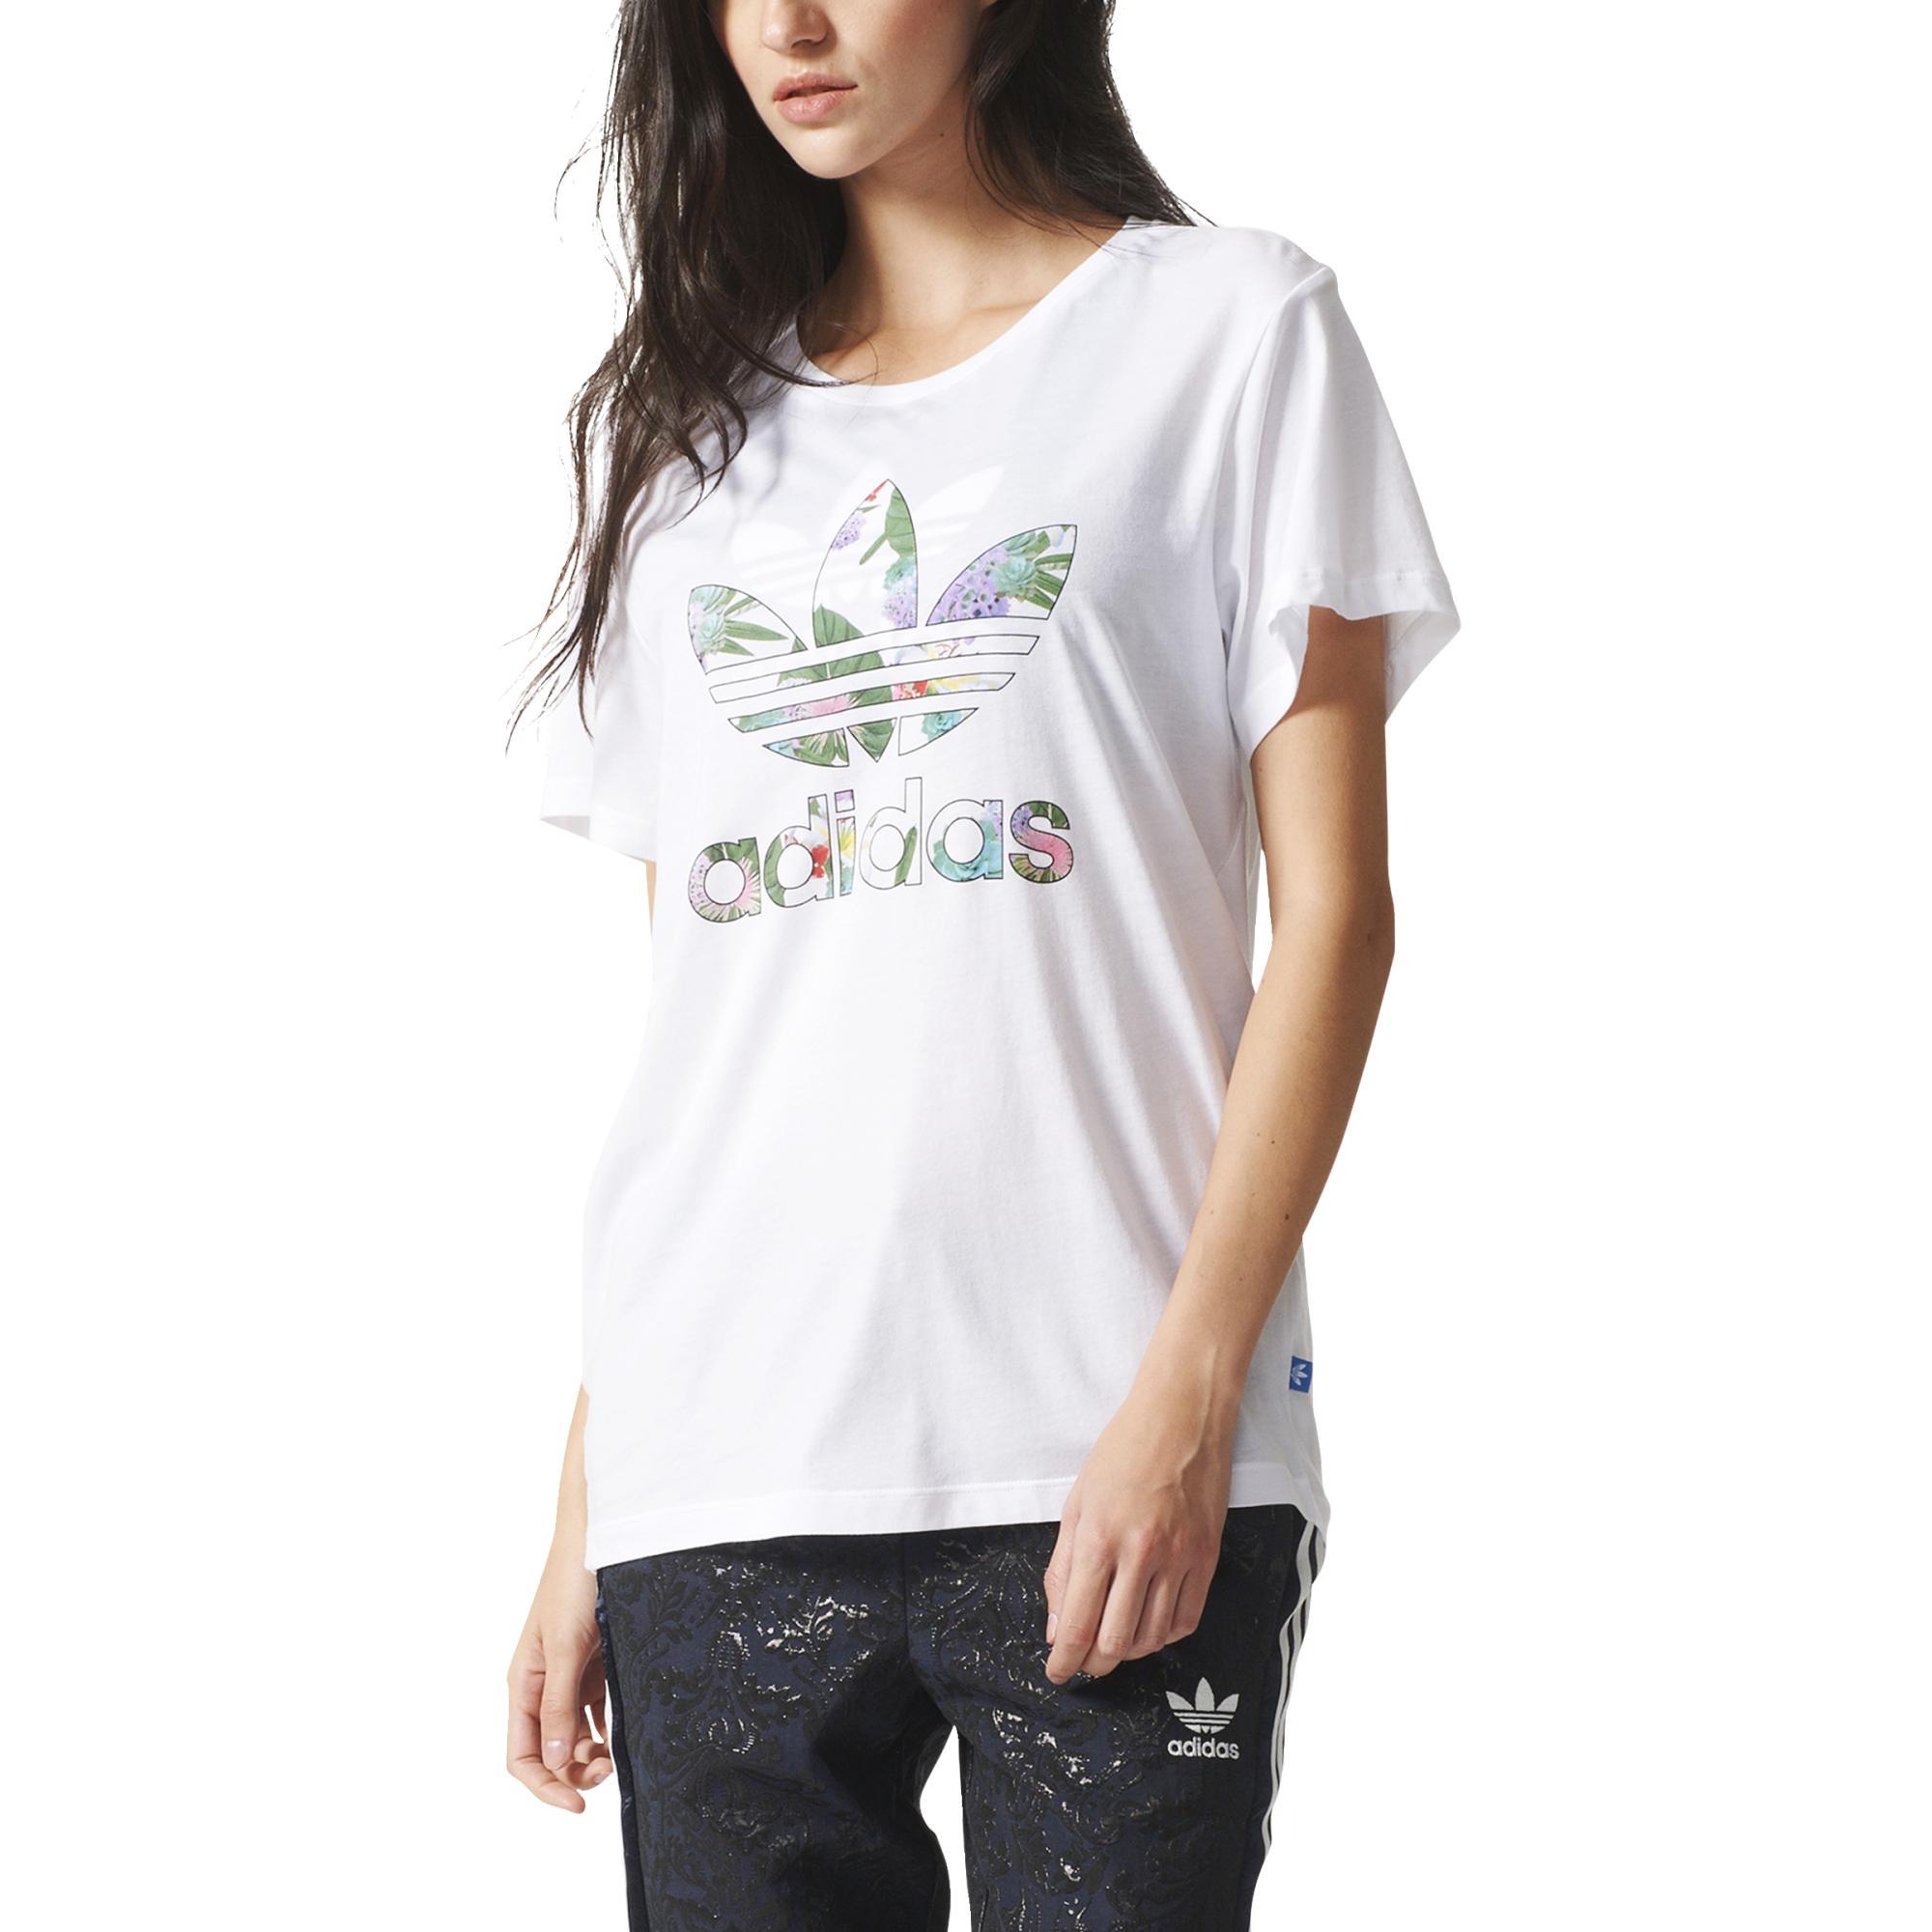 fddb0ac37 ... Adidas Originals Mujer Camiseta Boyfriend Trefoil Floral (blanco)